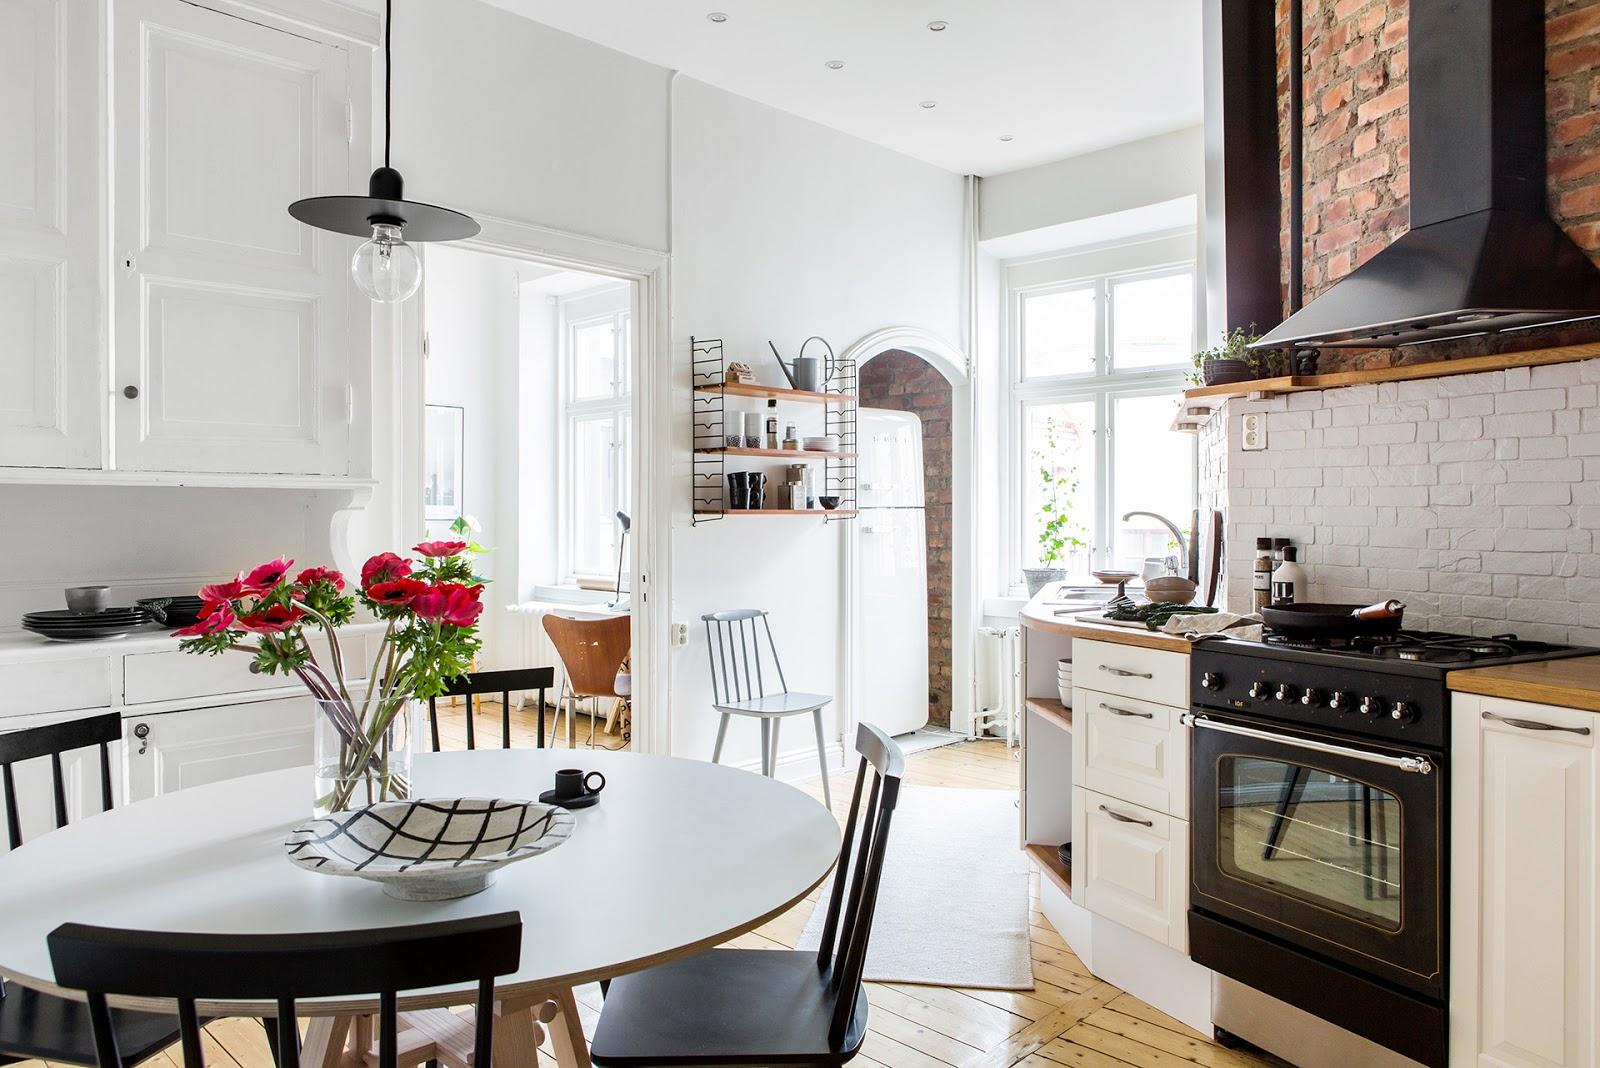 Una cocina peculiar alquimia deco for Cocina estilo nordico